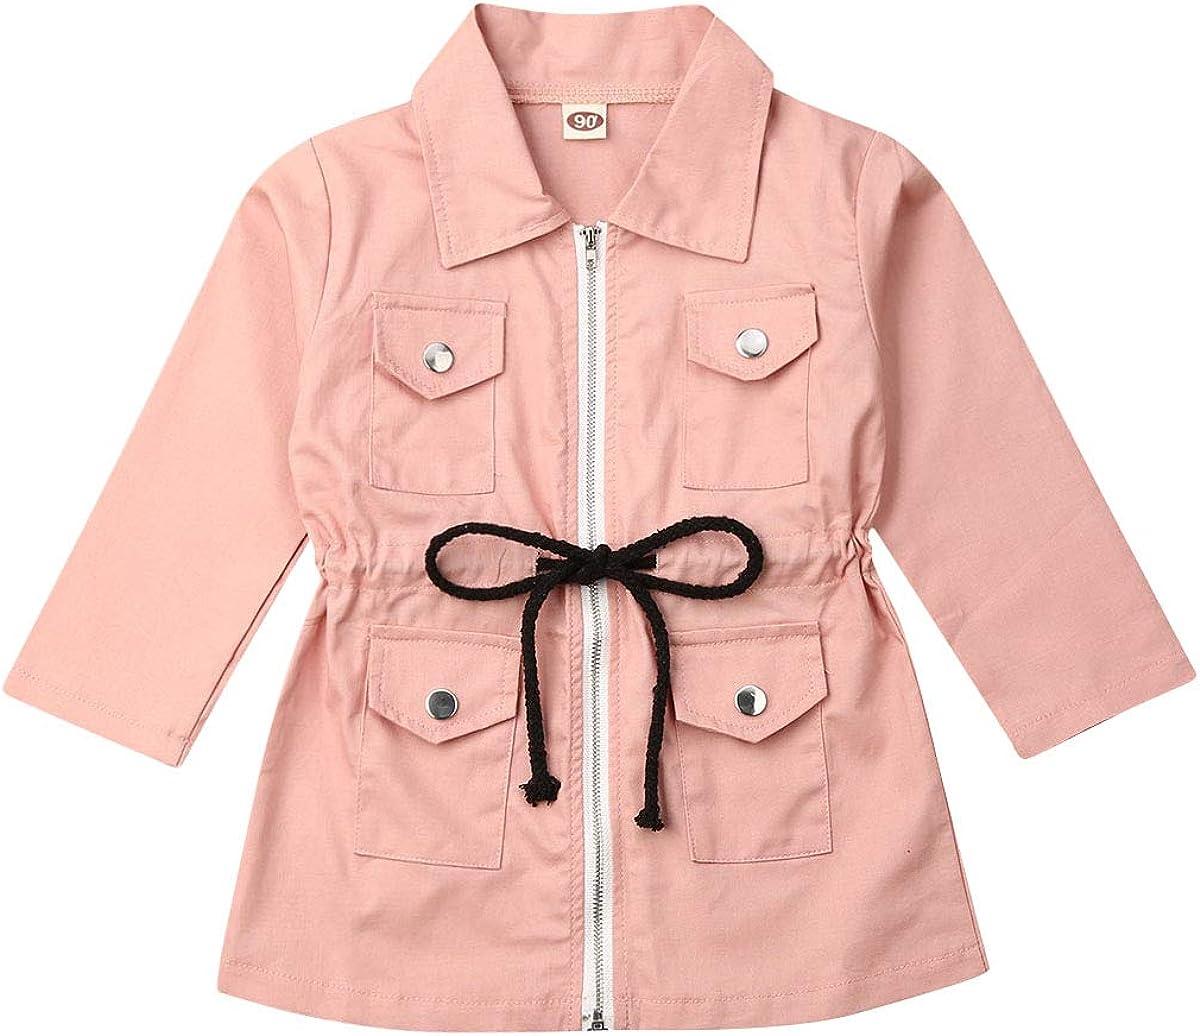 Fall Baby Girls Pink Zipper Jacket Coat Long Sleeve Casual Pocket Slim Waist with Strings Kids Sweatwear Outwear 1-7Y